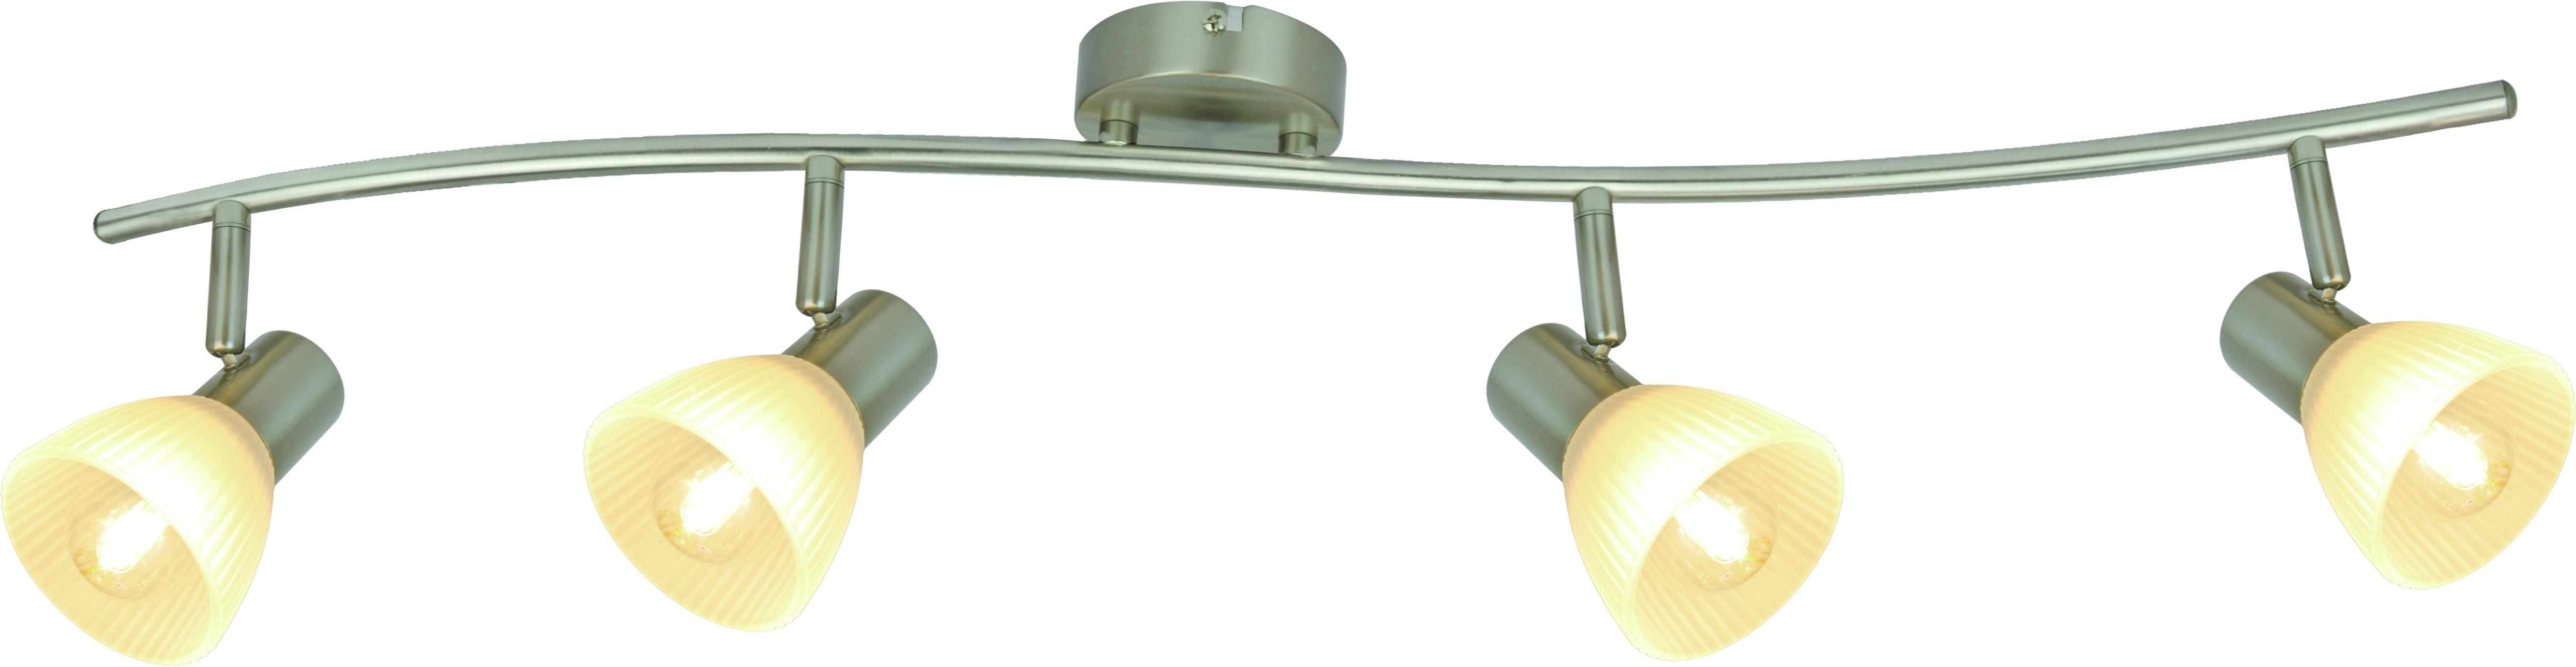 Спот Arte lamp A5062pl-4ss